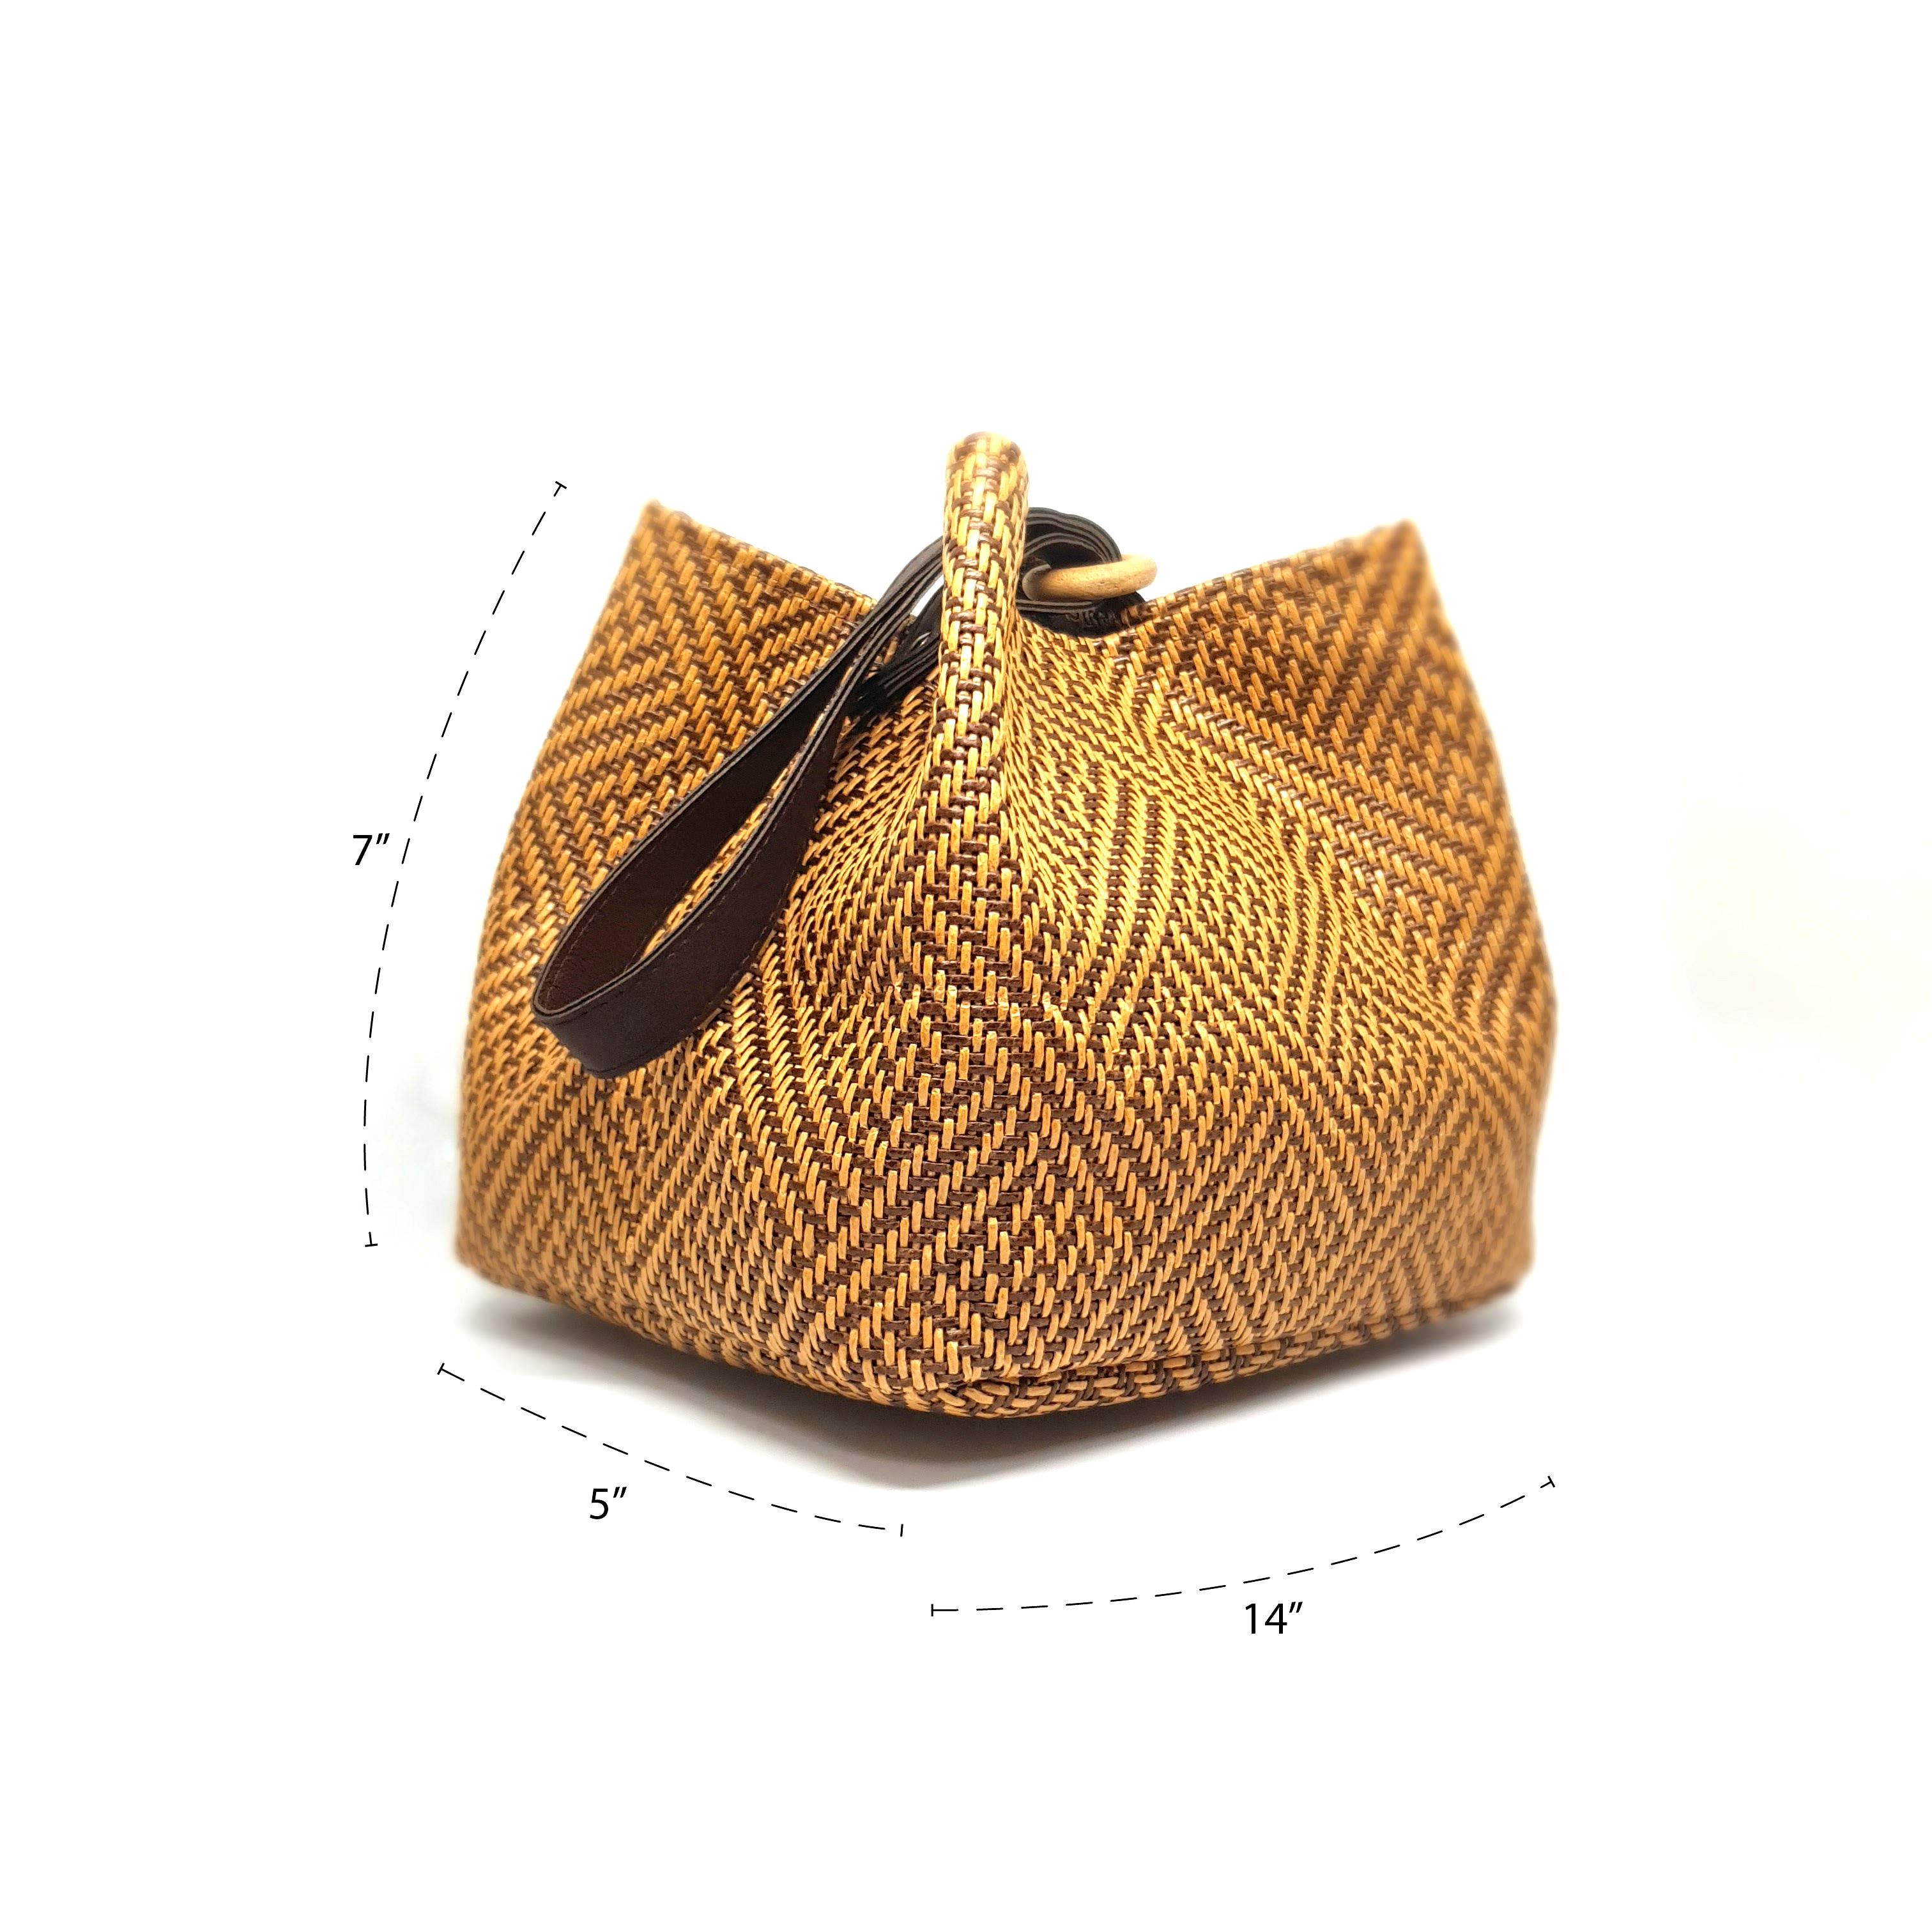 Местная сумка Kanomjeeb, Тайский продукт ручной работы с местным узором